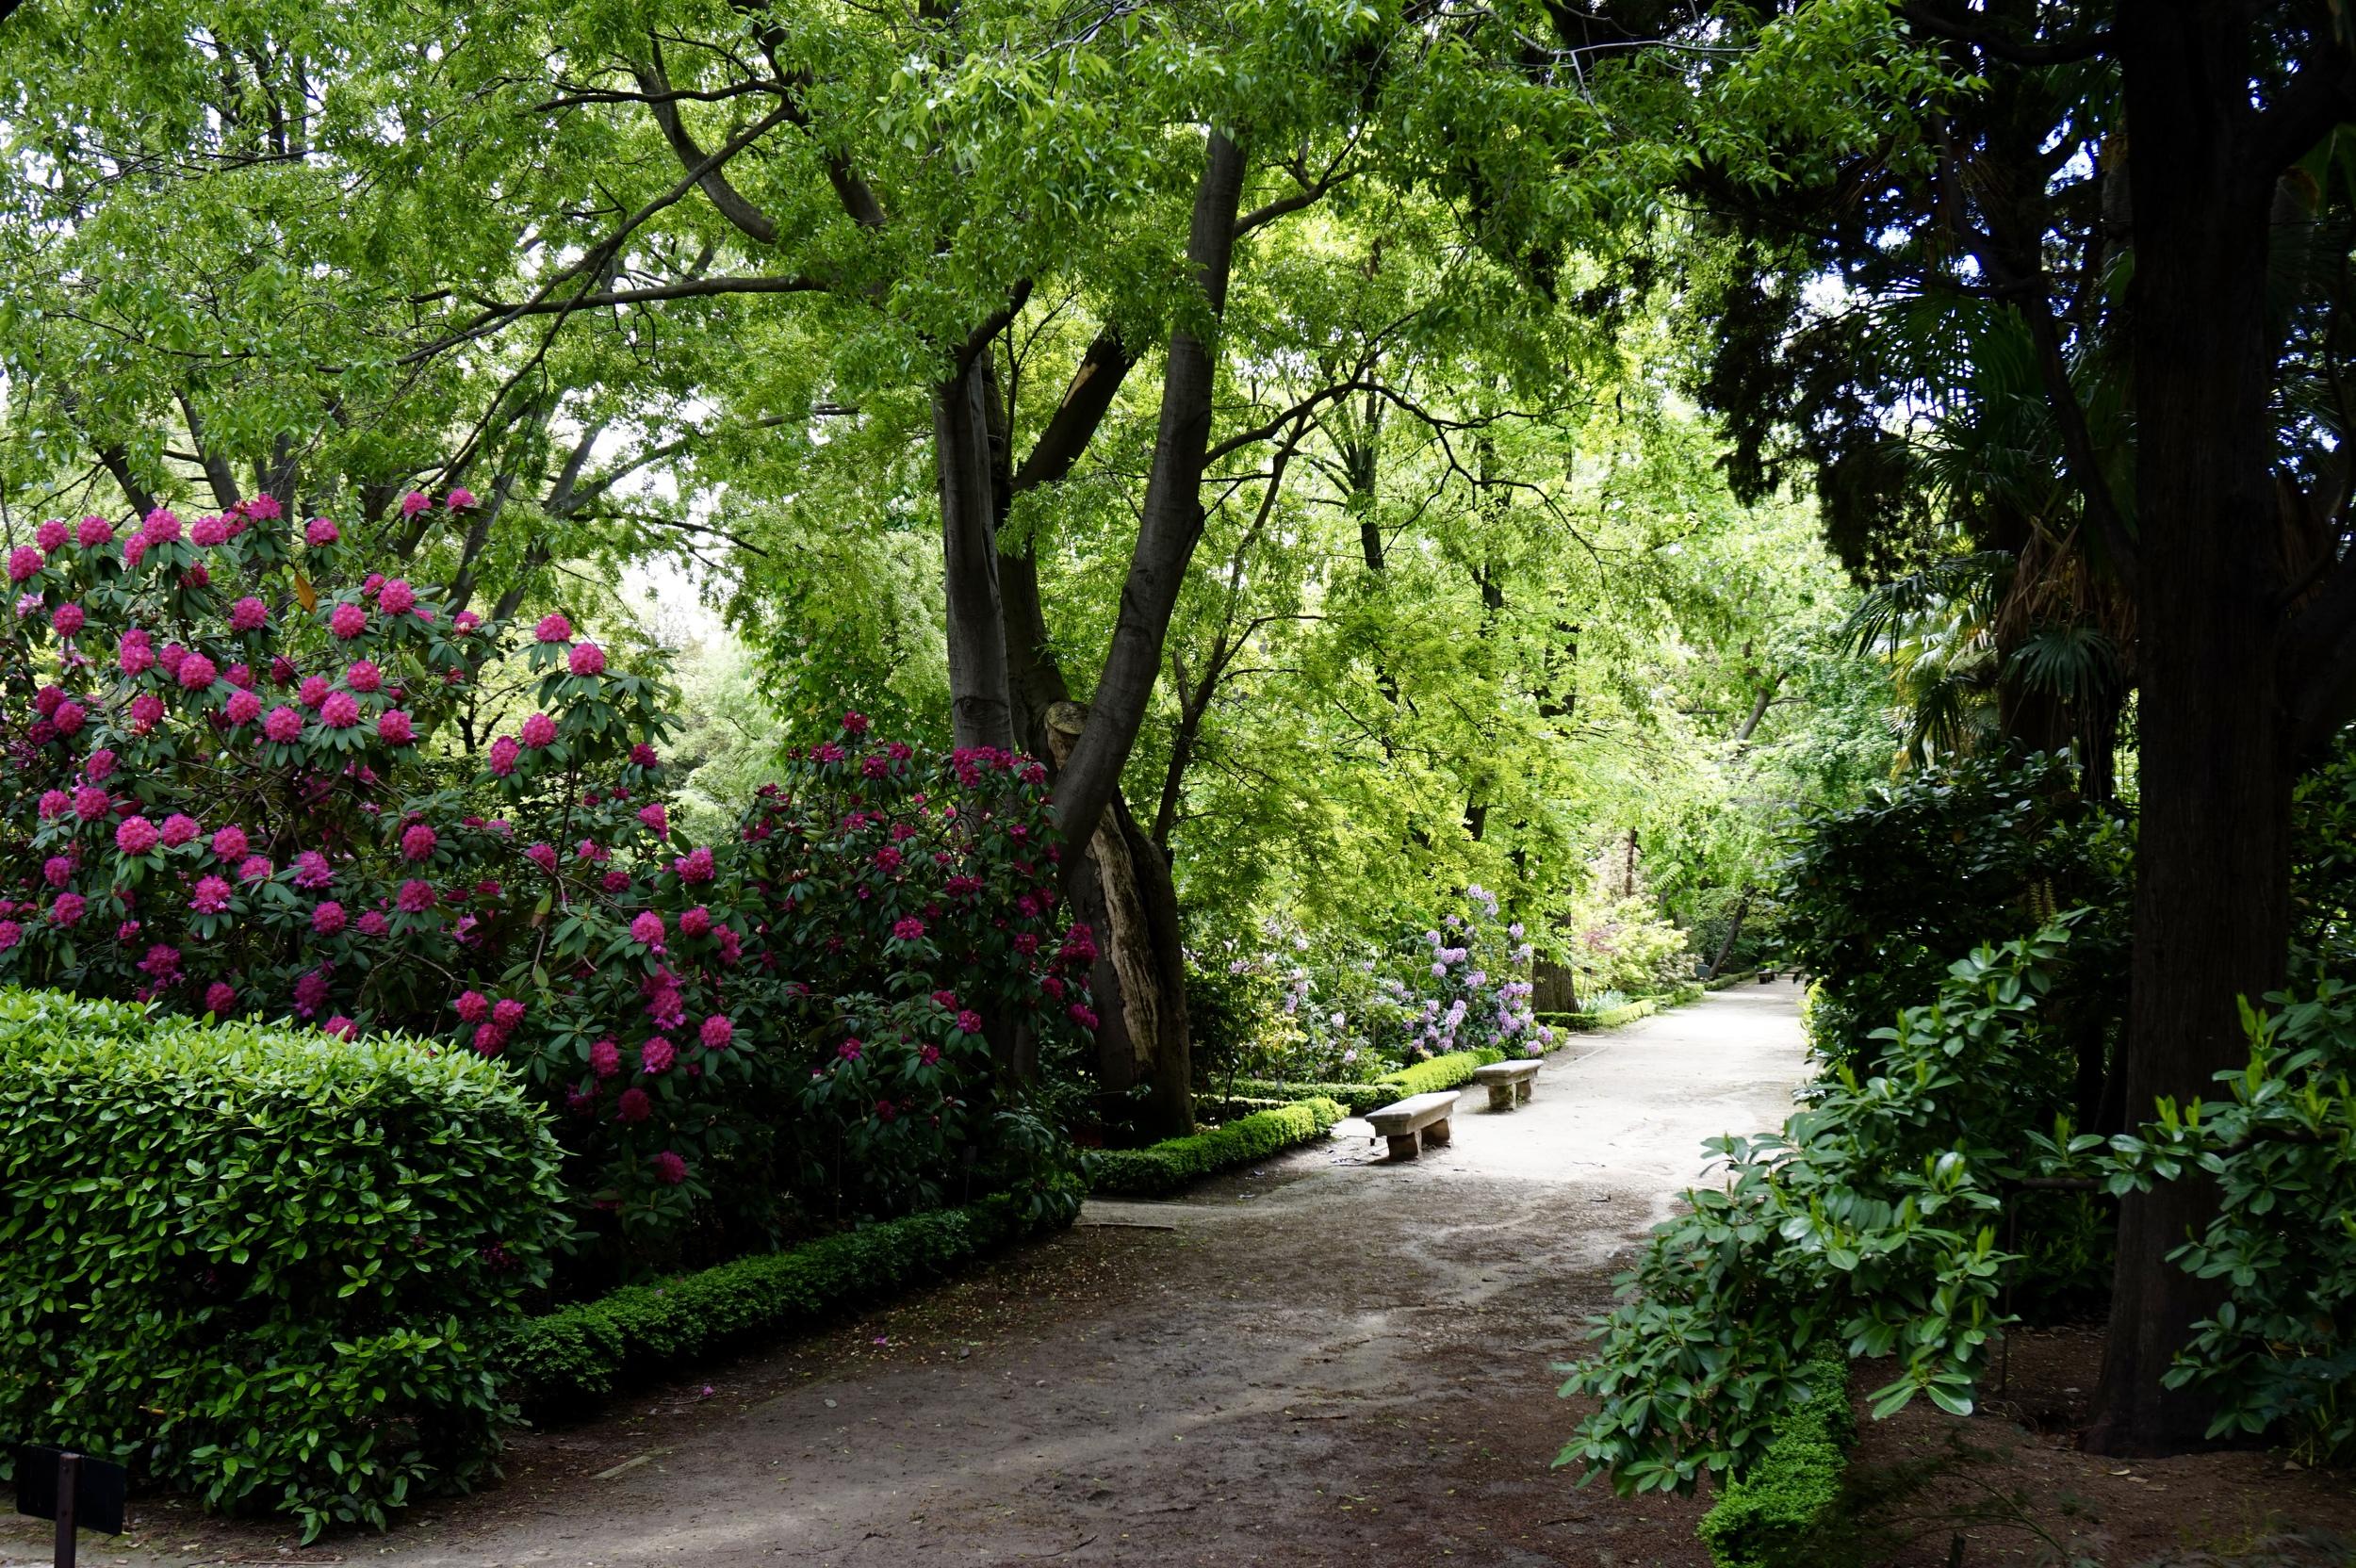 Royal Botanical Gargen